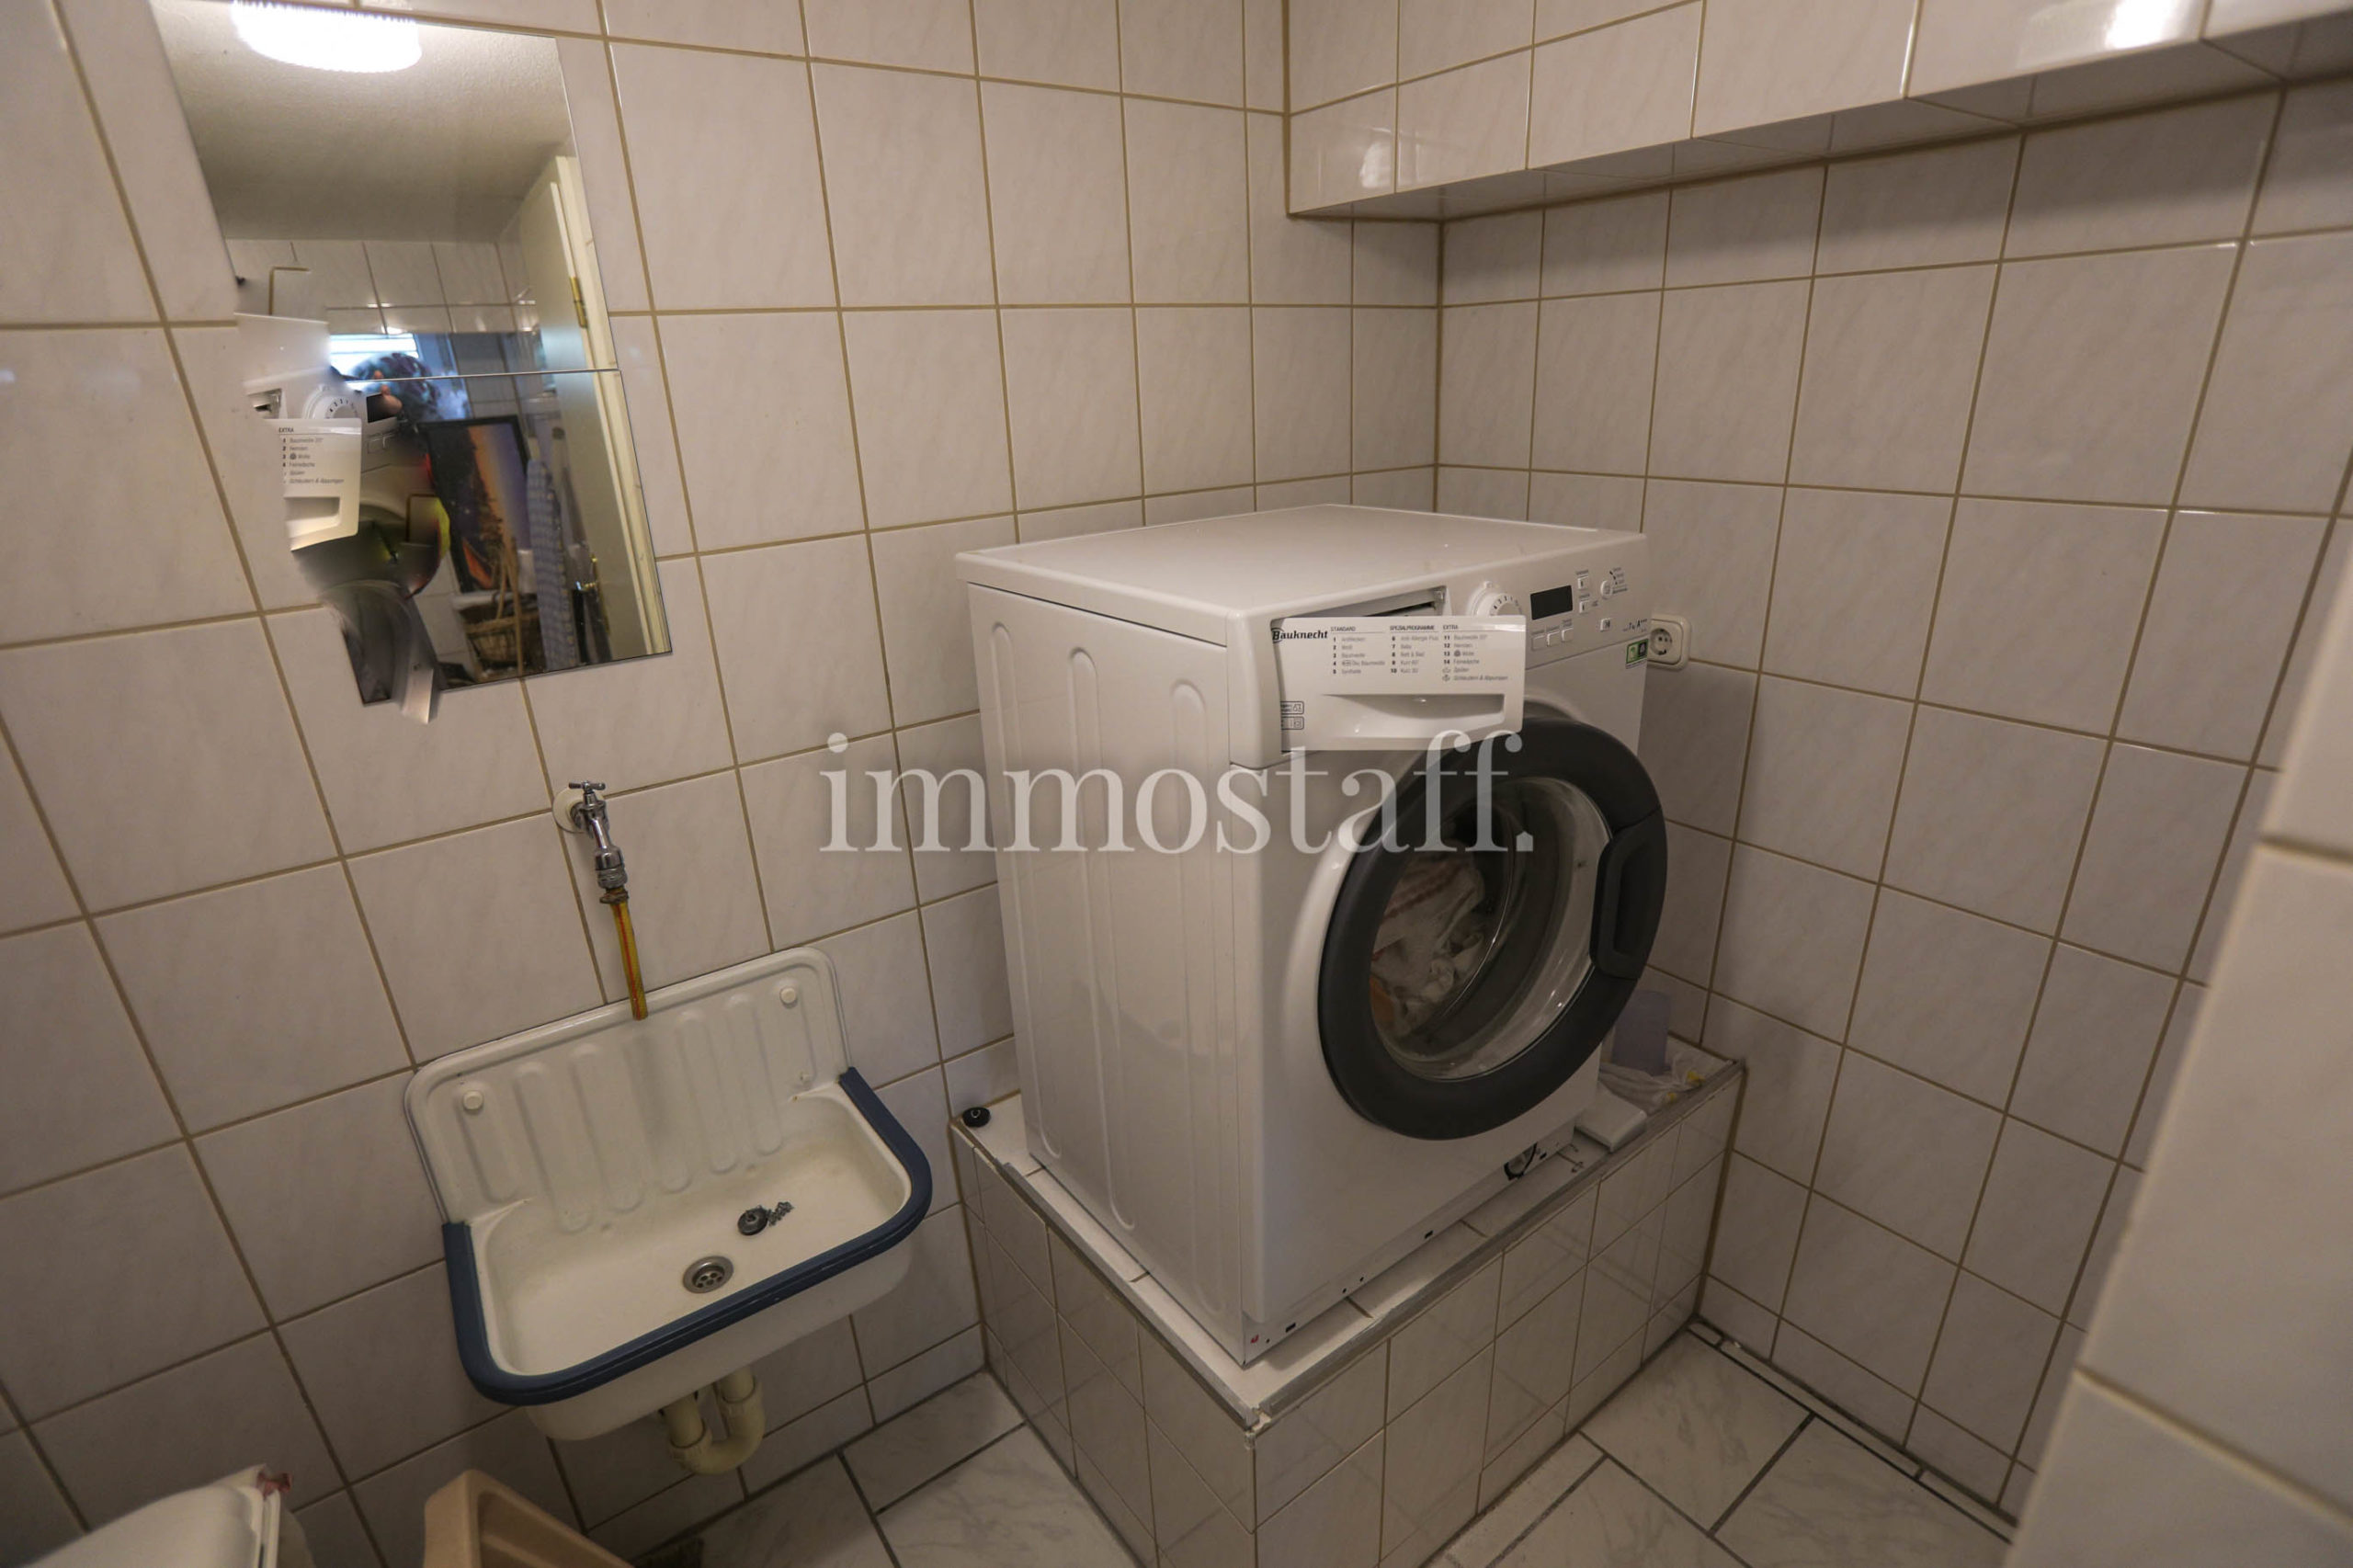 Wasch- & Trockenraum im UG